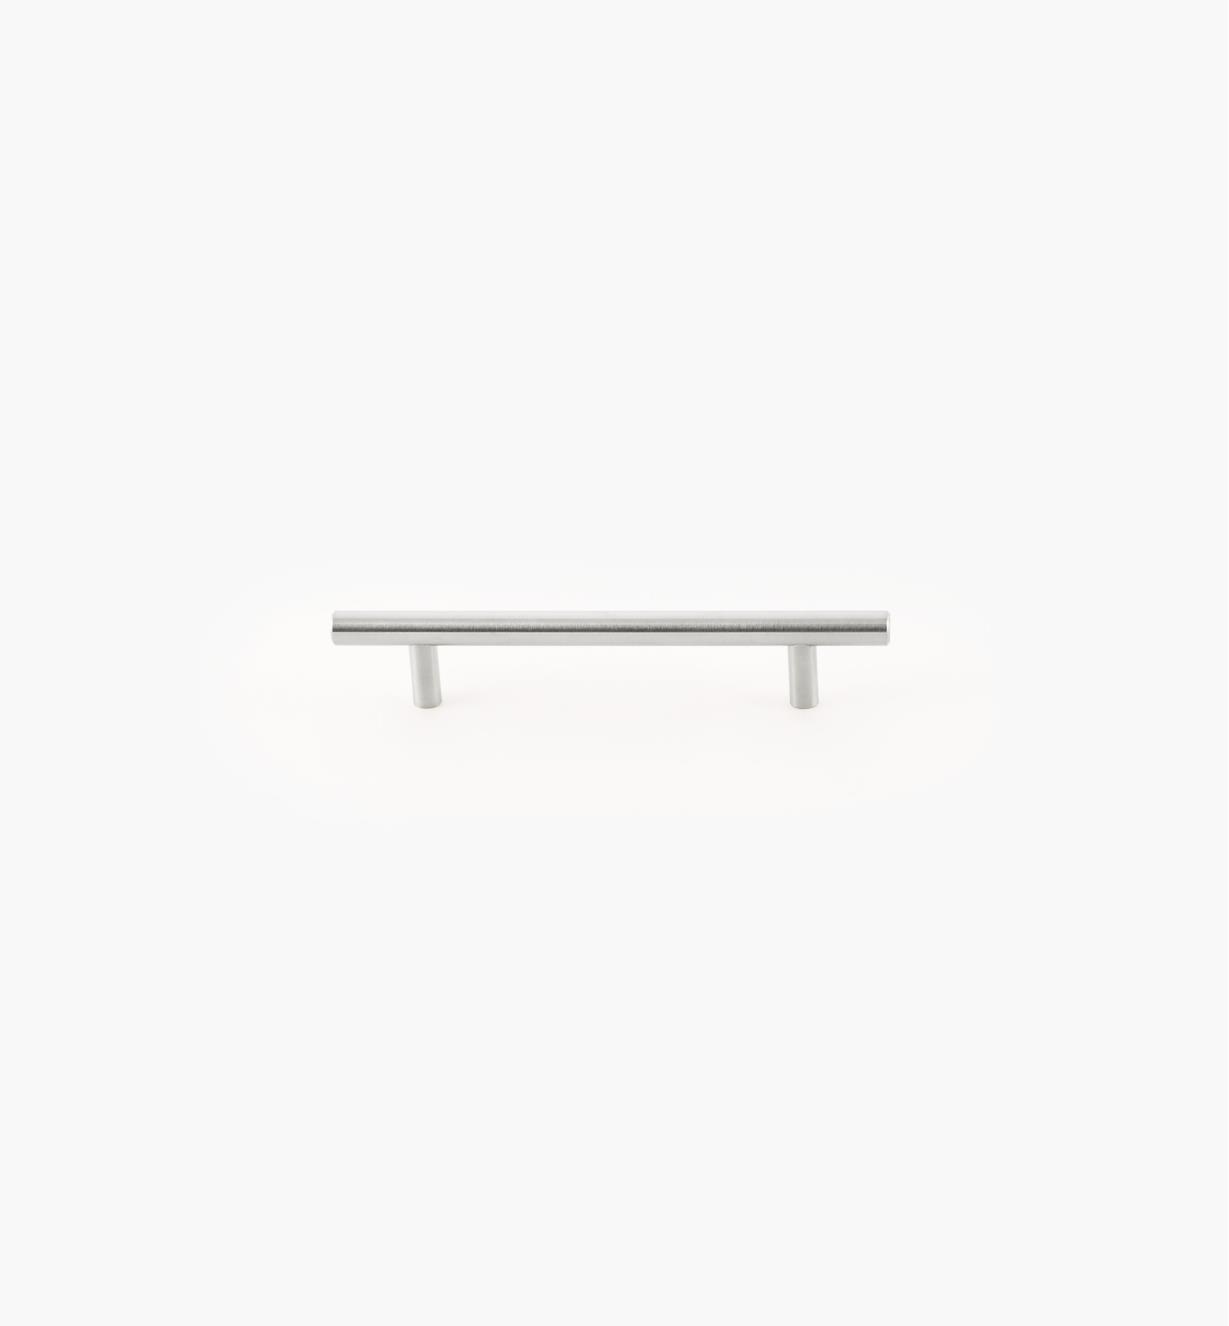 02A1472 - Poignée-barreau, 128mm (187mm), acier inoxydable, l'unité